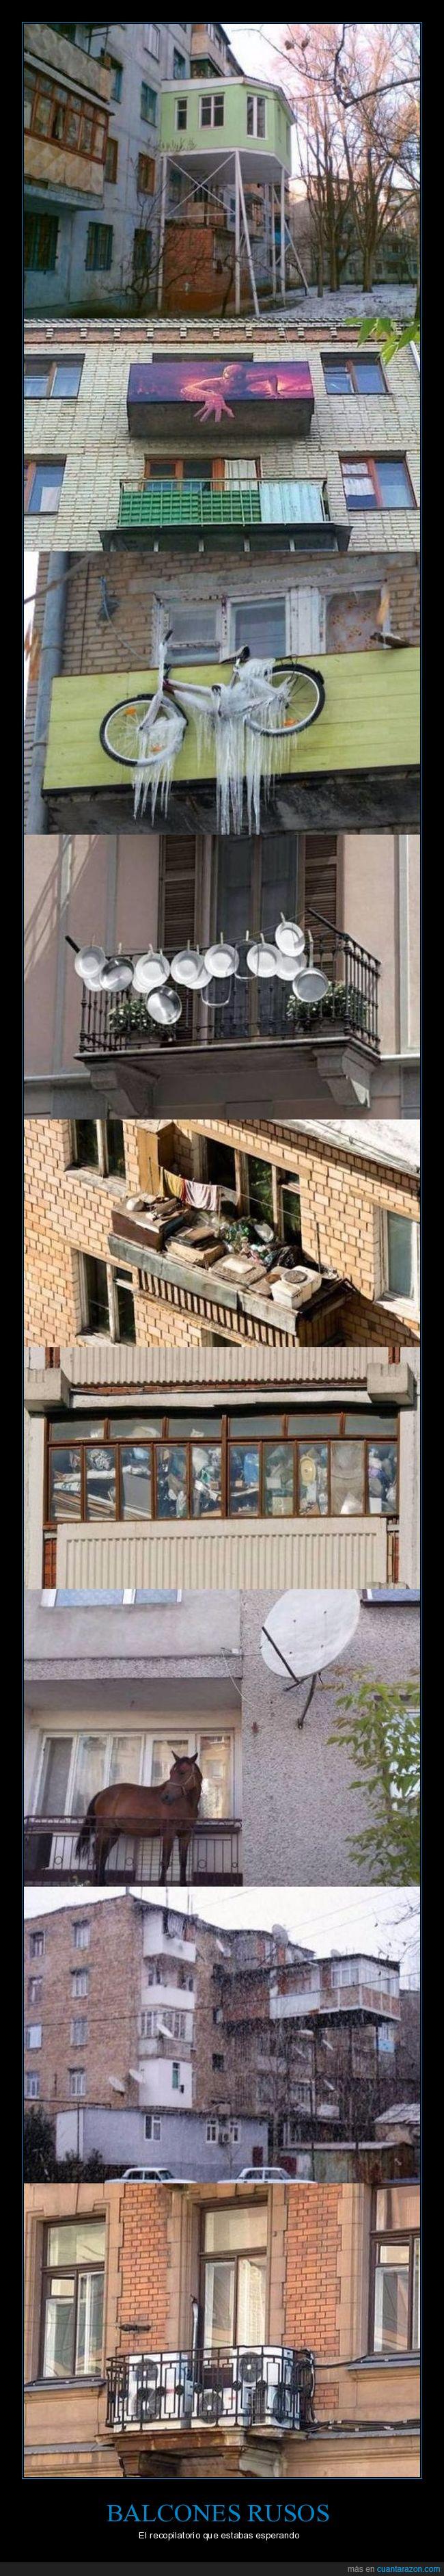 balcones,rusia,wtf